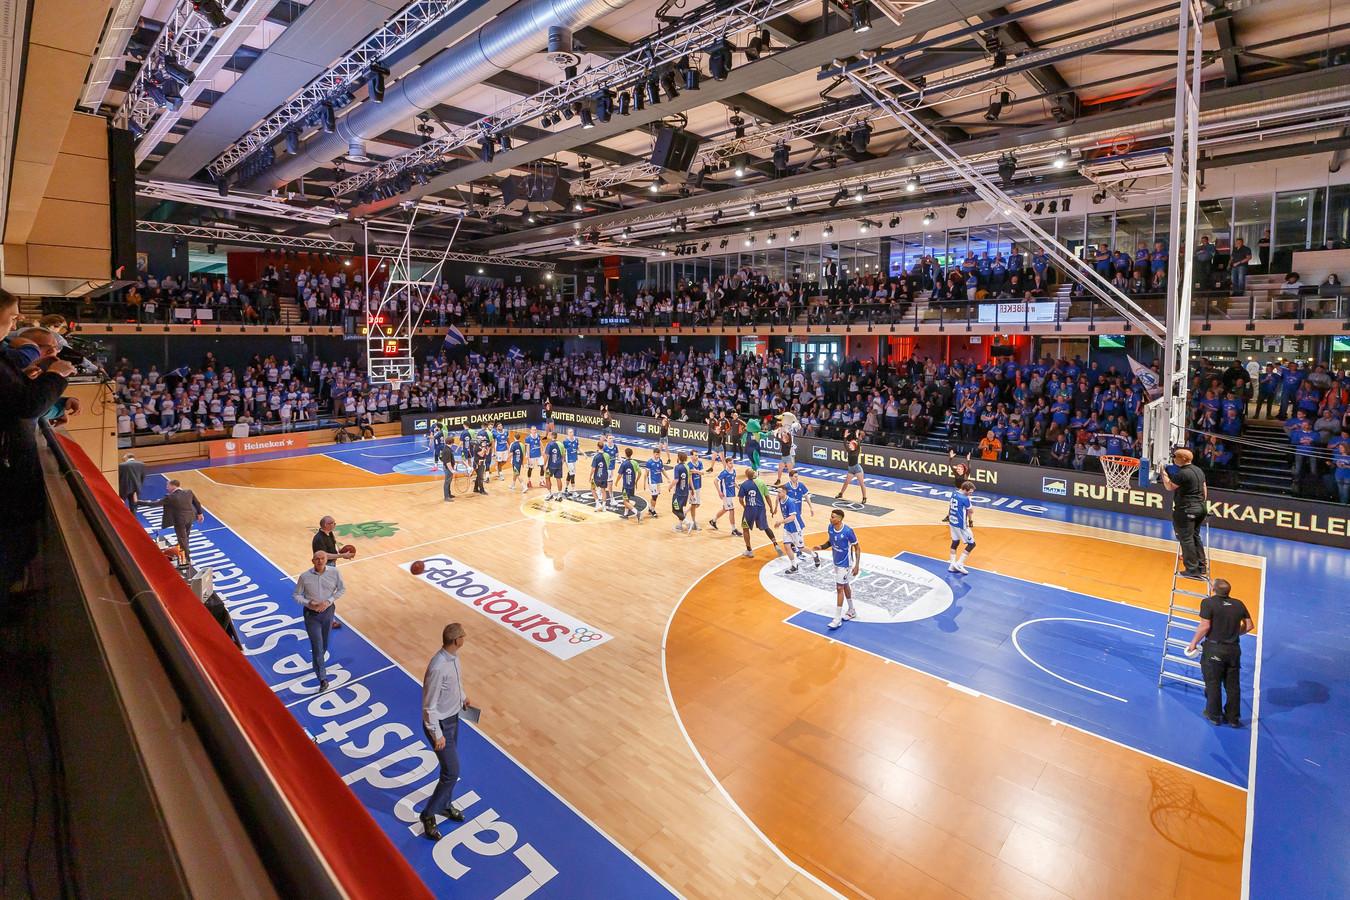 Het centre court van het Landstede Sportcentrum is komend weekeinde decor voor de NBB Finales.